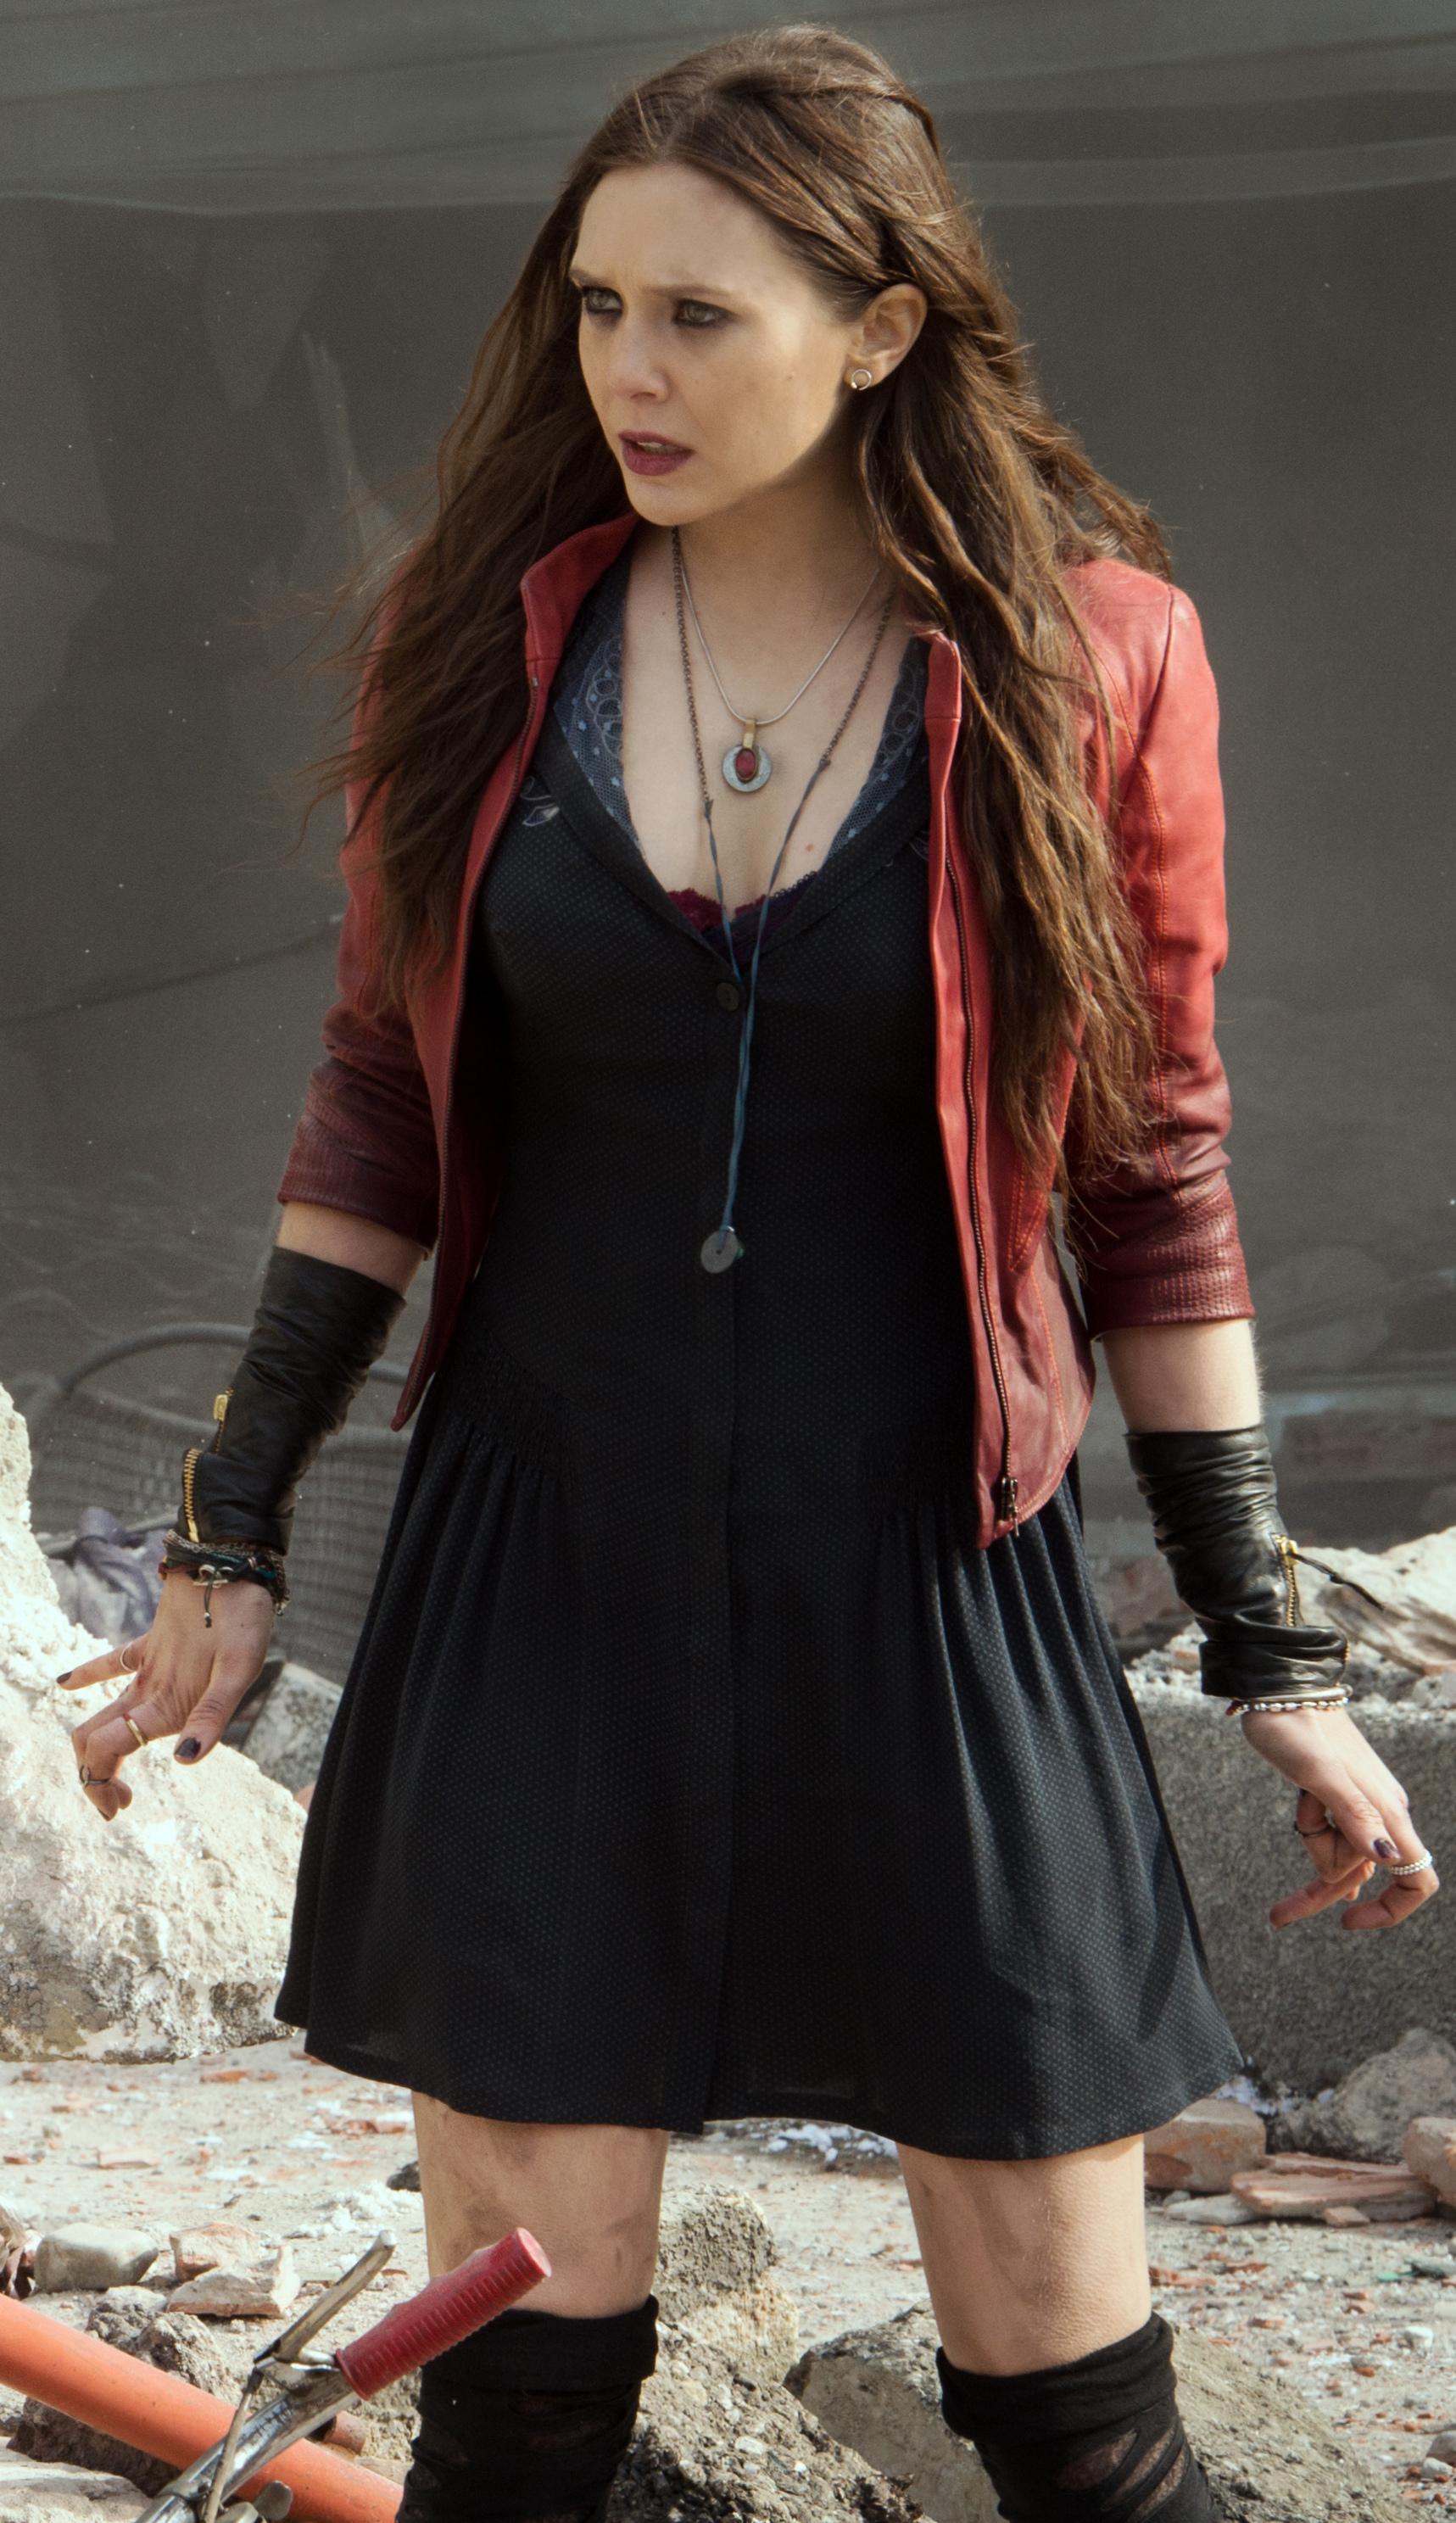 Image Scarlet Witch Ew Jpg Disneywiki